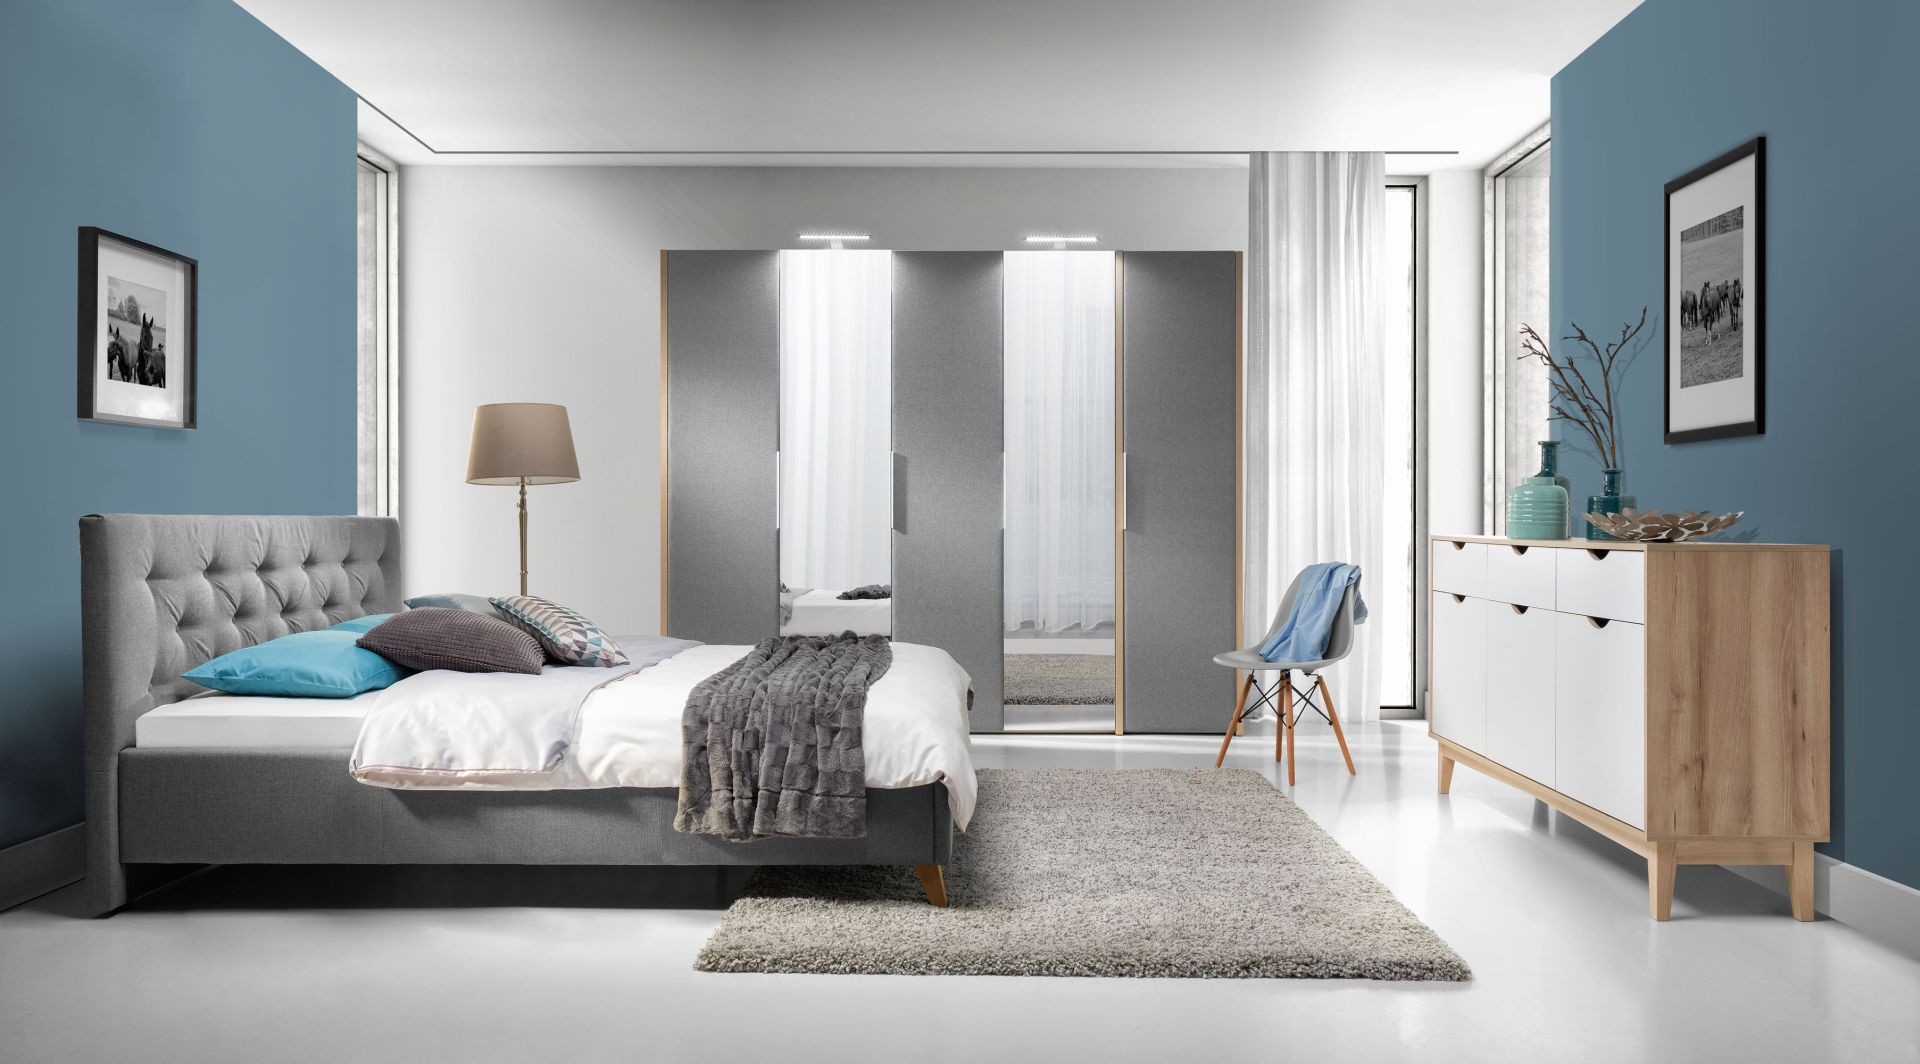 Sypialnia Glame. Fot. Wajnert Meble